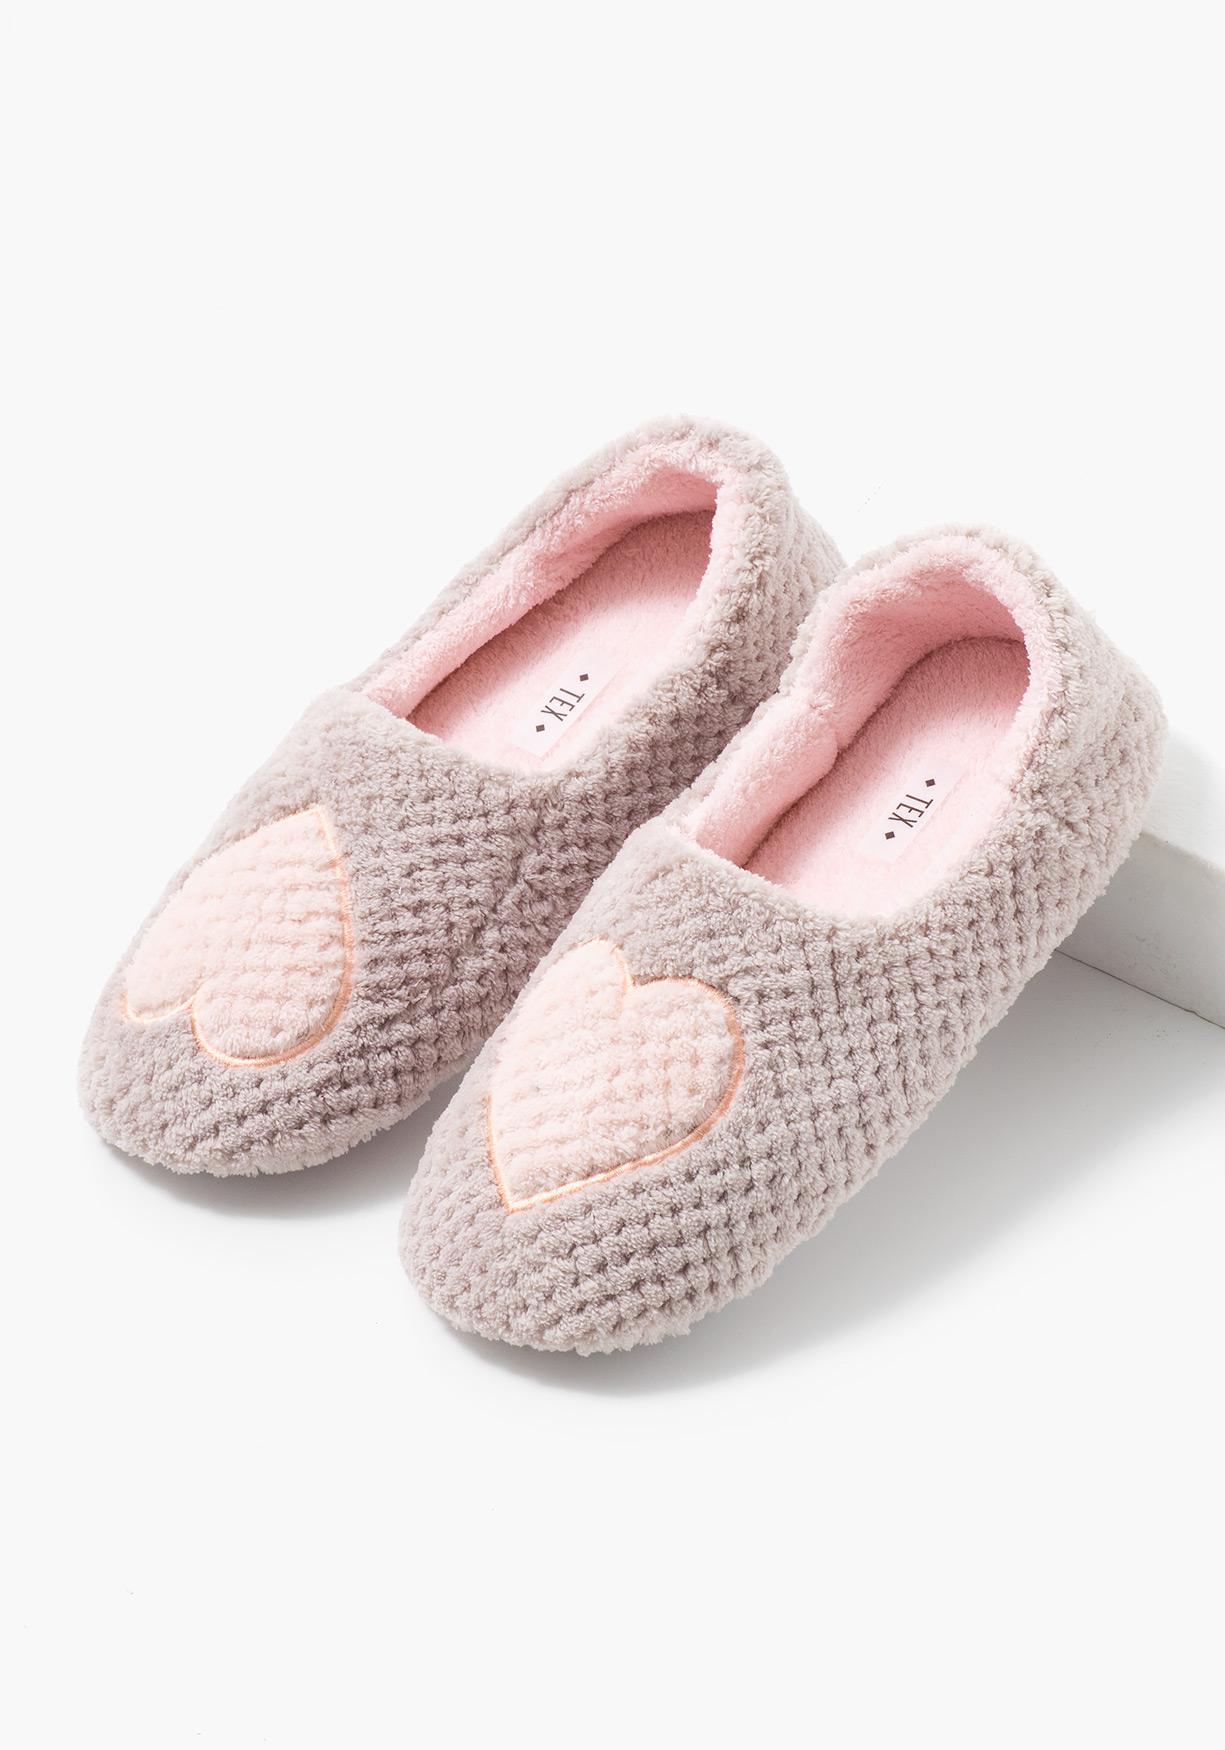 Ofertas en moda tu tienda de ropa online en carrefour tex - Zapatillas para casa ...